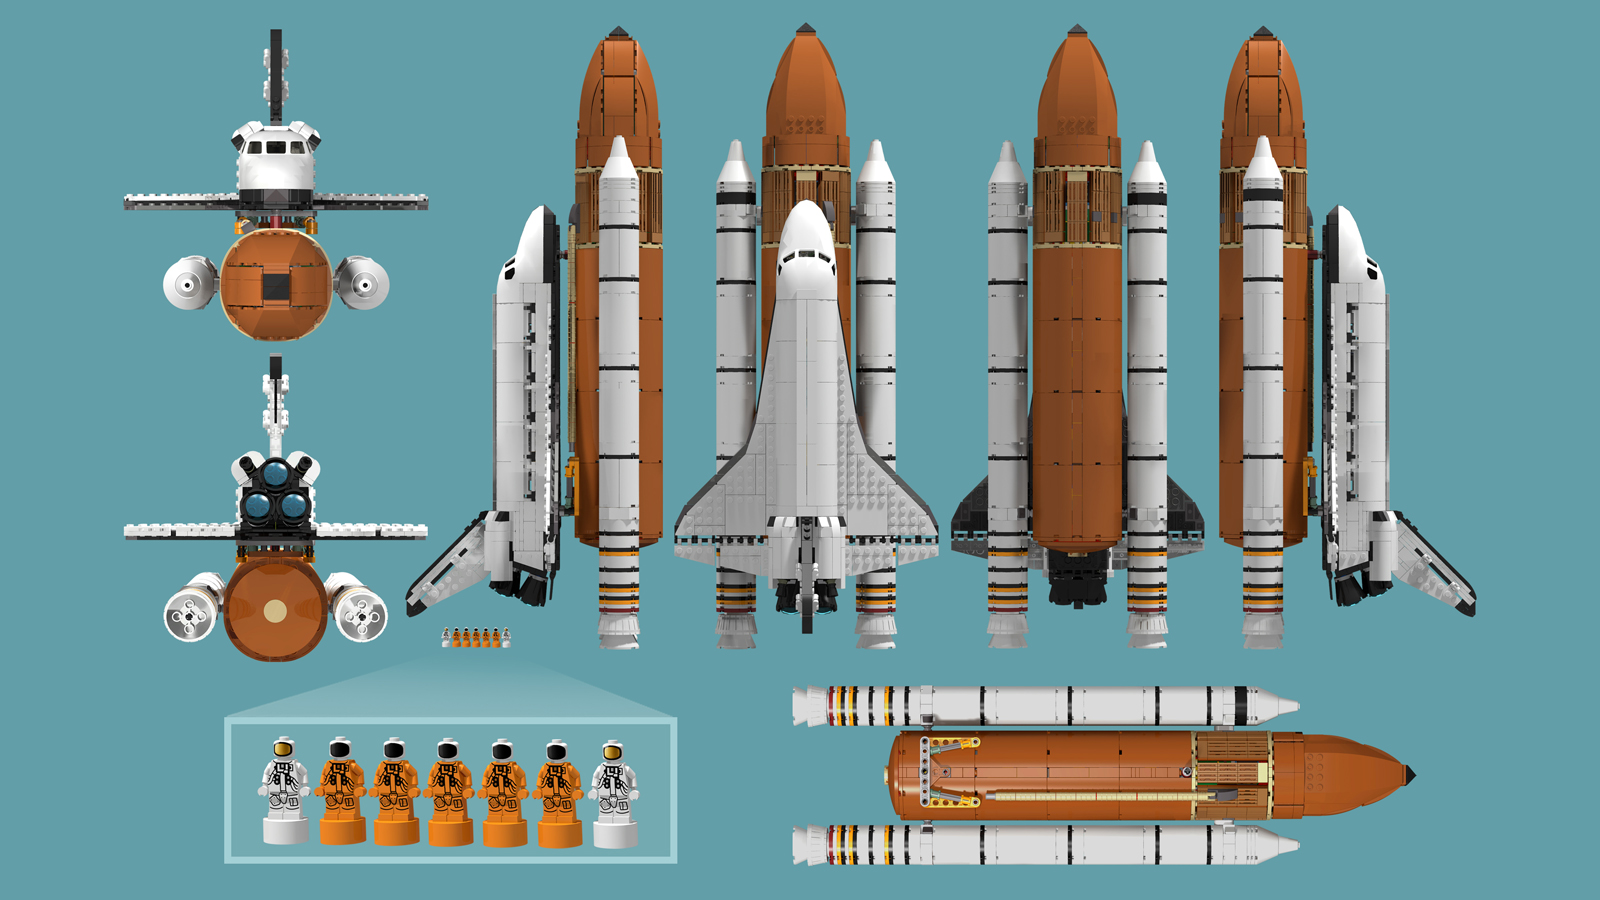 nasa new space shuttle design - HD1600×900